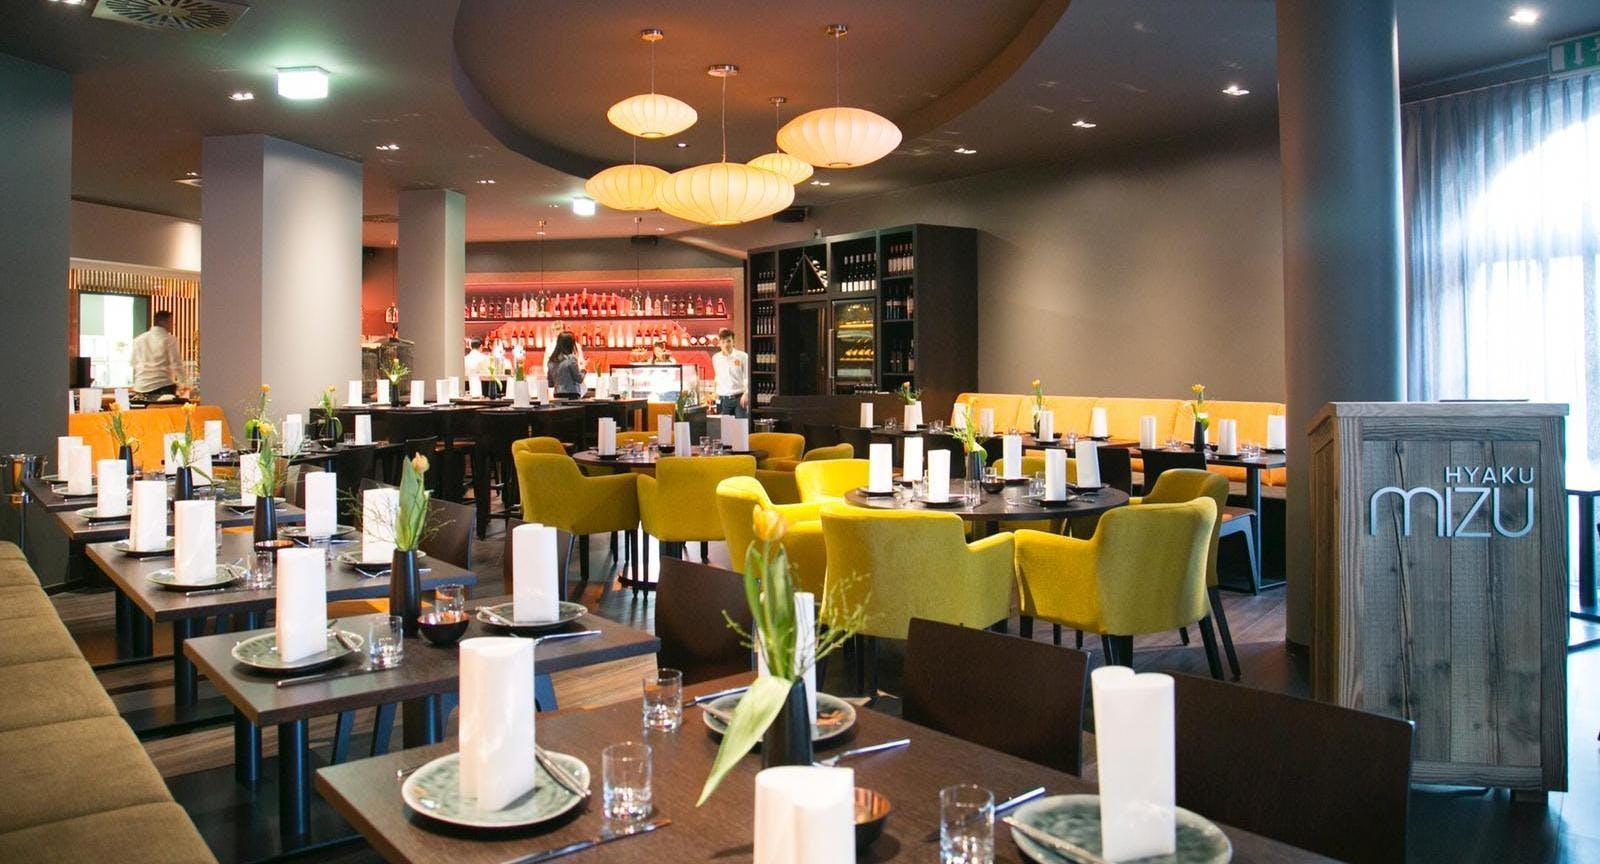 Hyaku Mizu - Asian Restaurant Magdeburg image 1